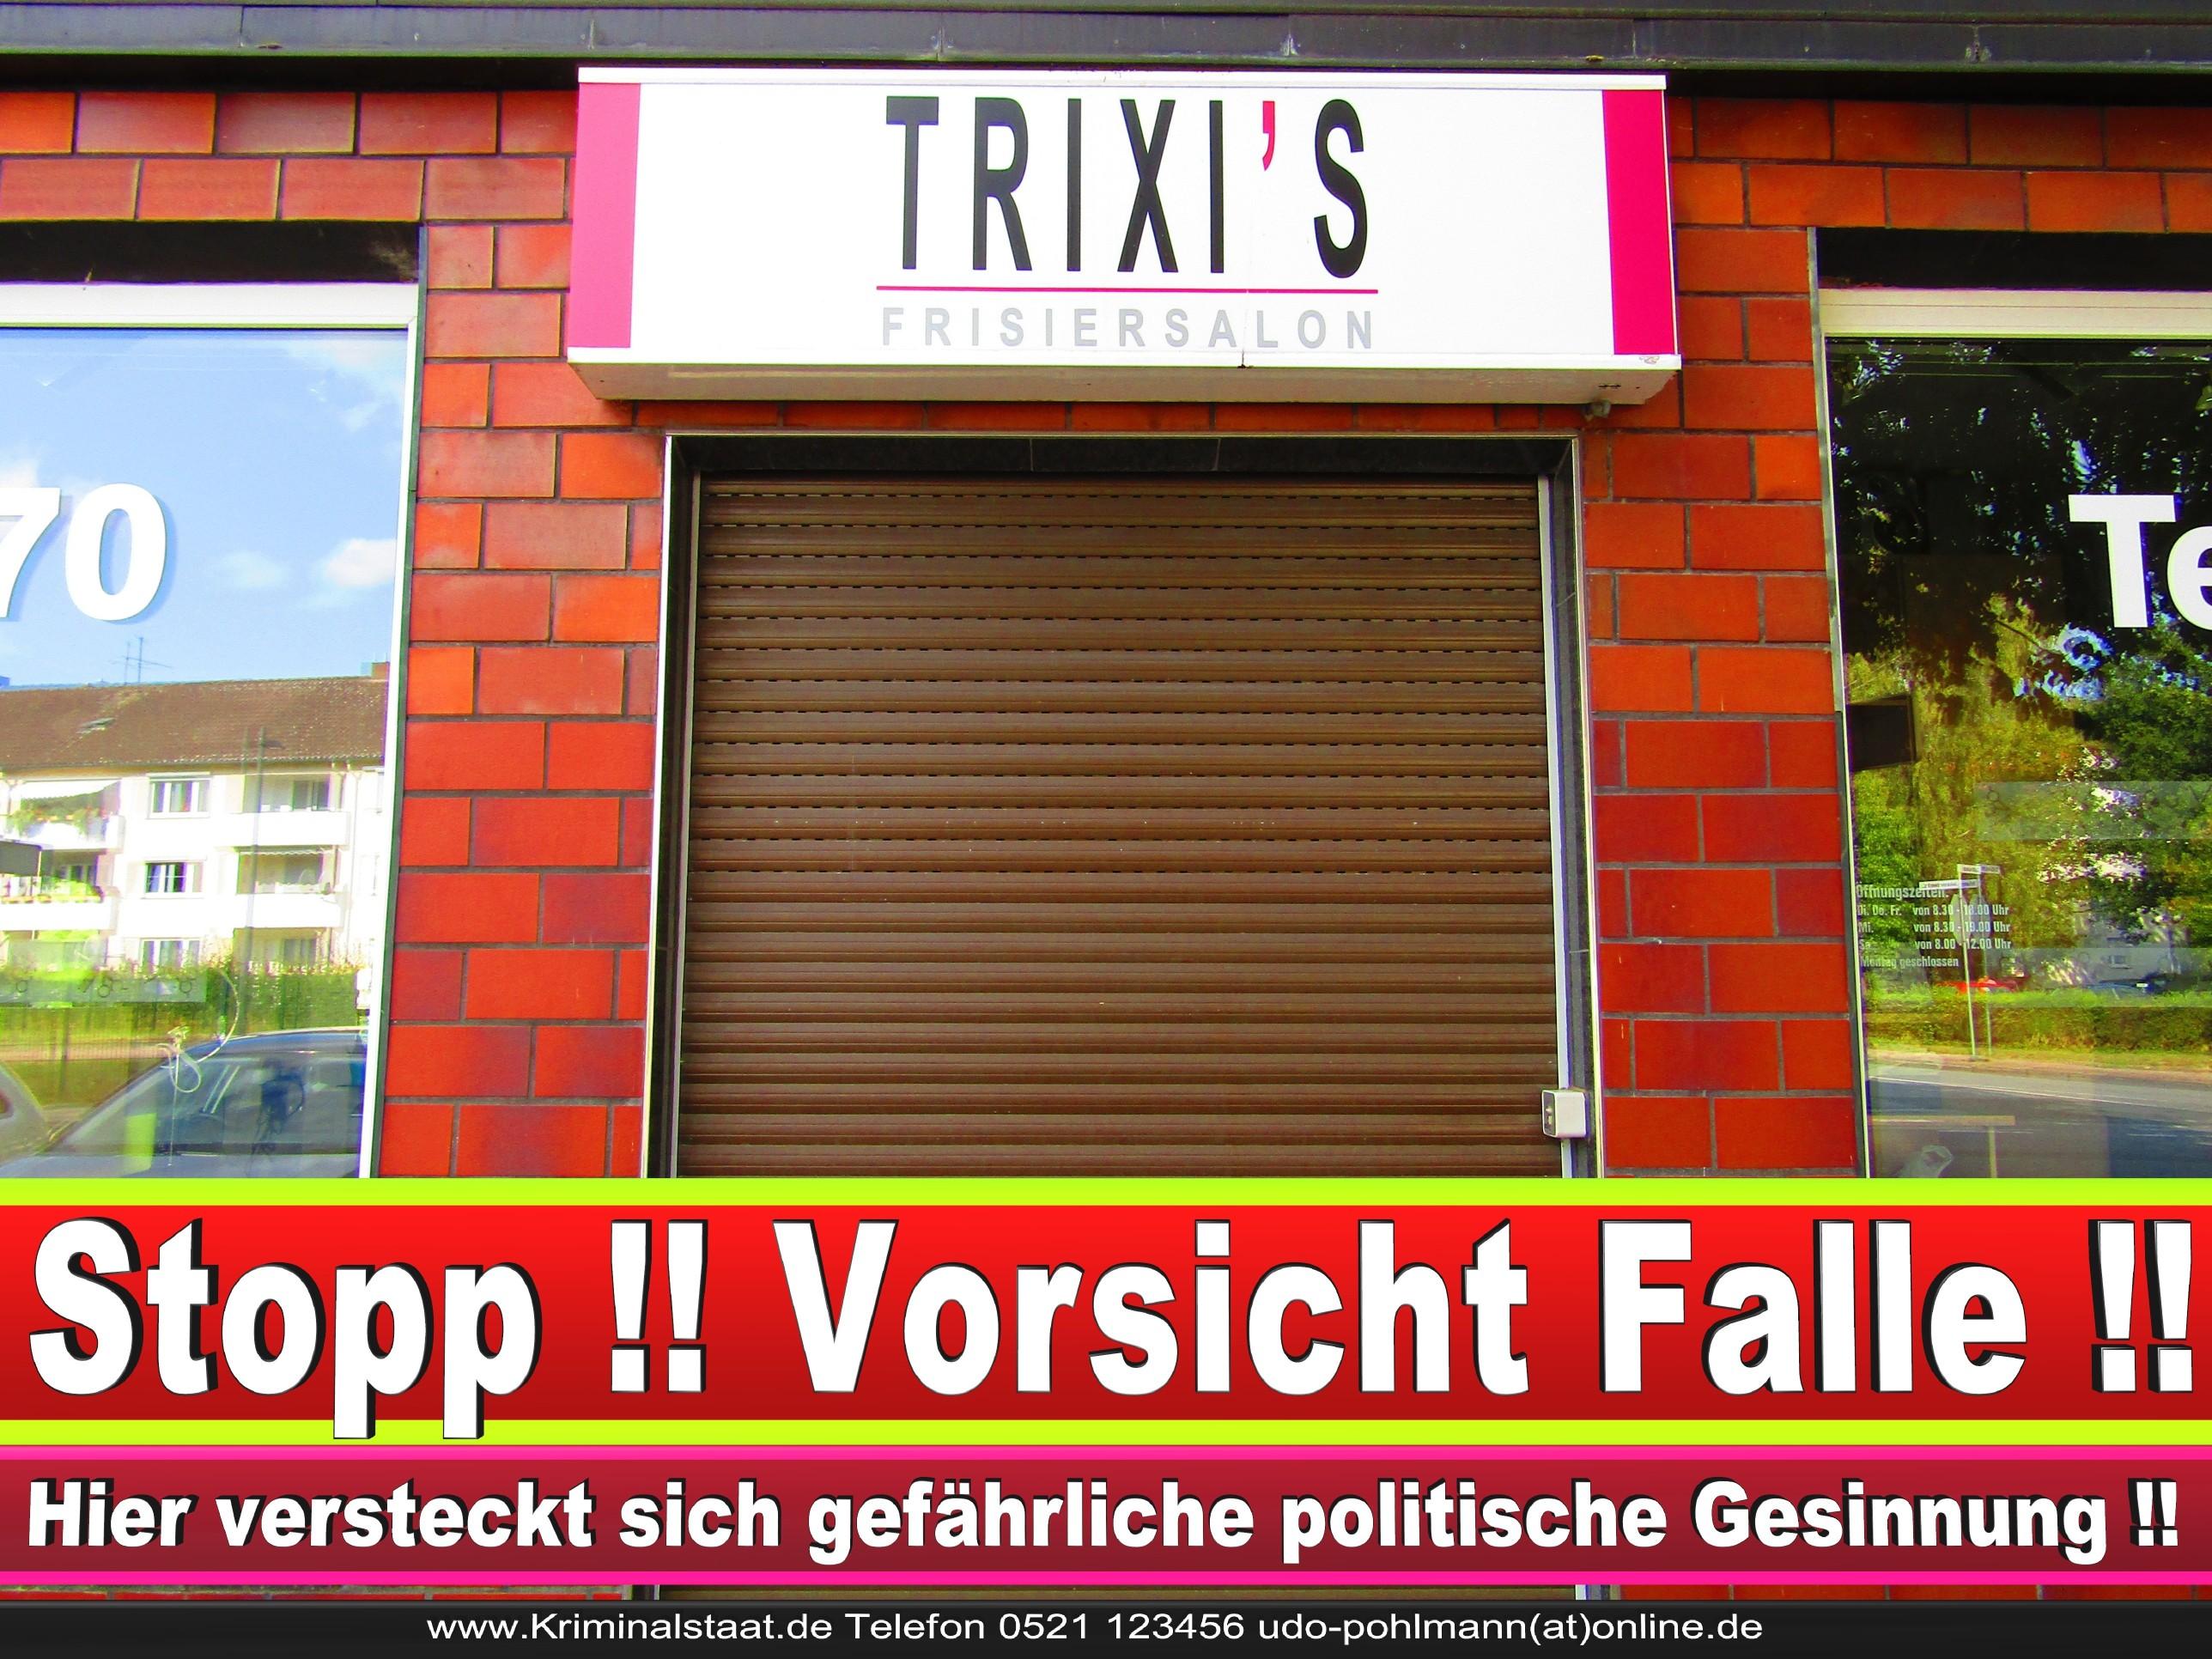 PATRICIA WEHMEYER TRIXI CDU BIELEFELD HAIRSALON FRISEUR 7 LANDTAGSWAHL BUNDESTAGSWAHL BÜRGERMEISTERWAHL